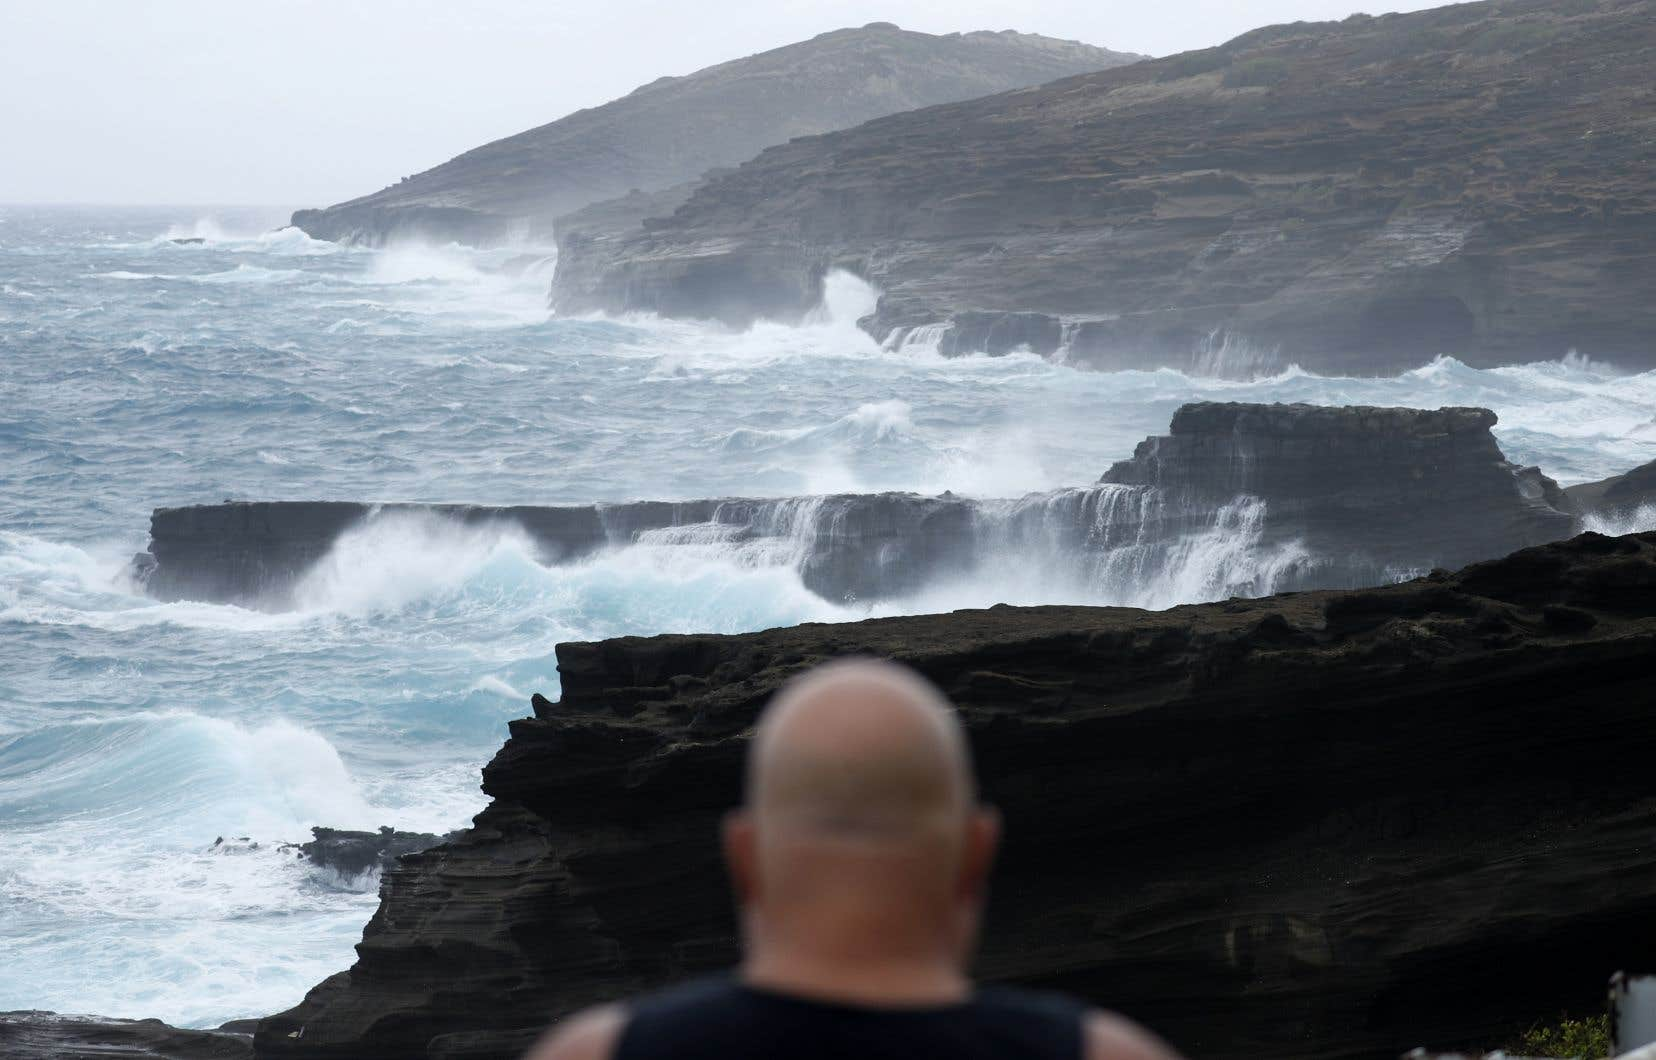 Des vagues se brisent sur une côte rocheuse avant l'arrivée de la tempête tropicale «Lane», vendredi 24 août 2018, près d'Honolulu.